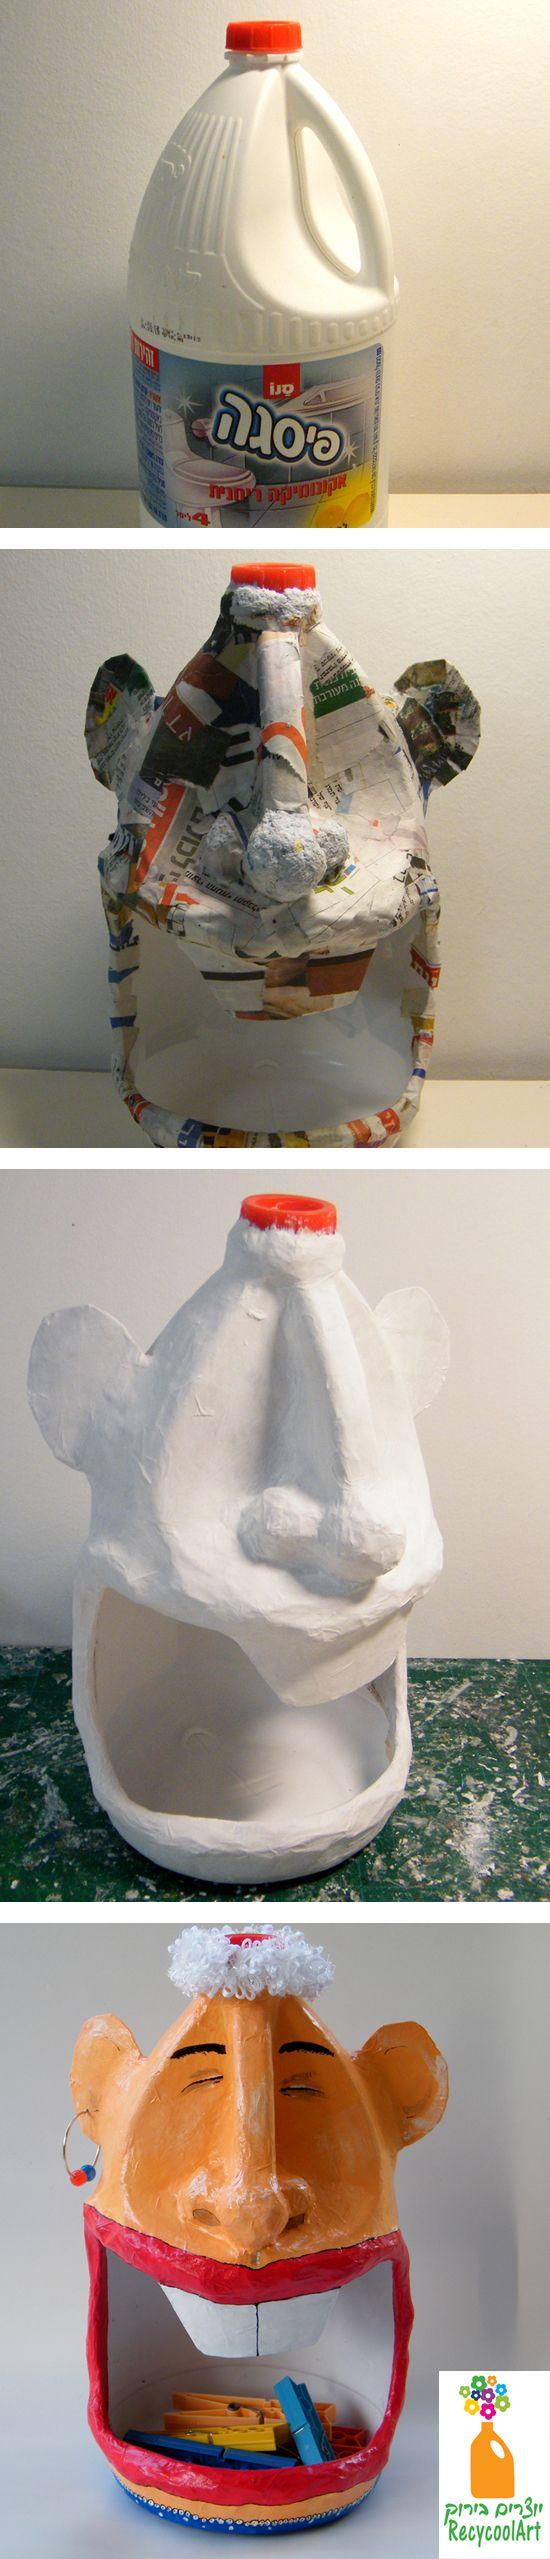 Recicla y decora con botellas de plastico 4 curso de - Recicla y decora ...